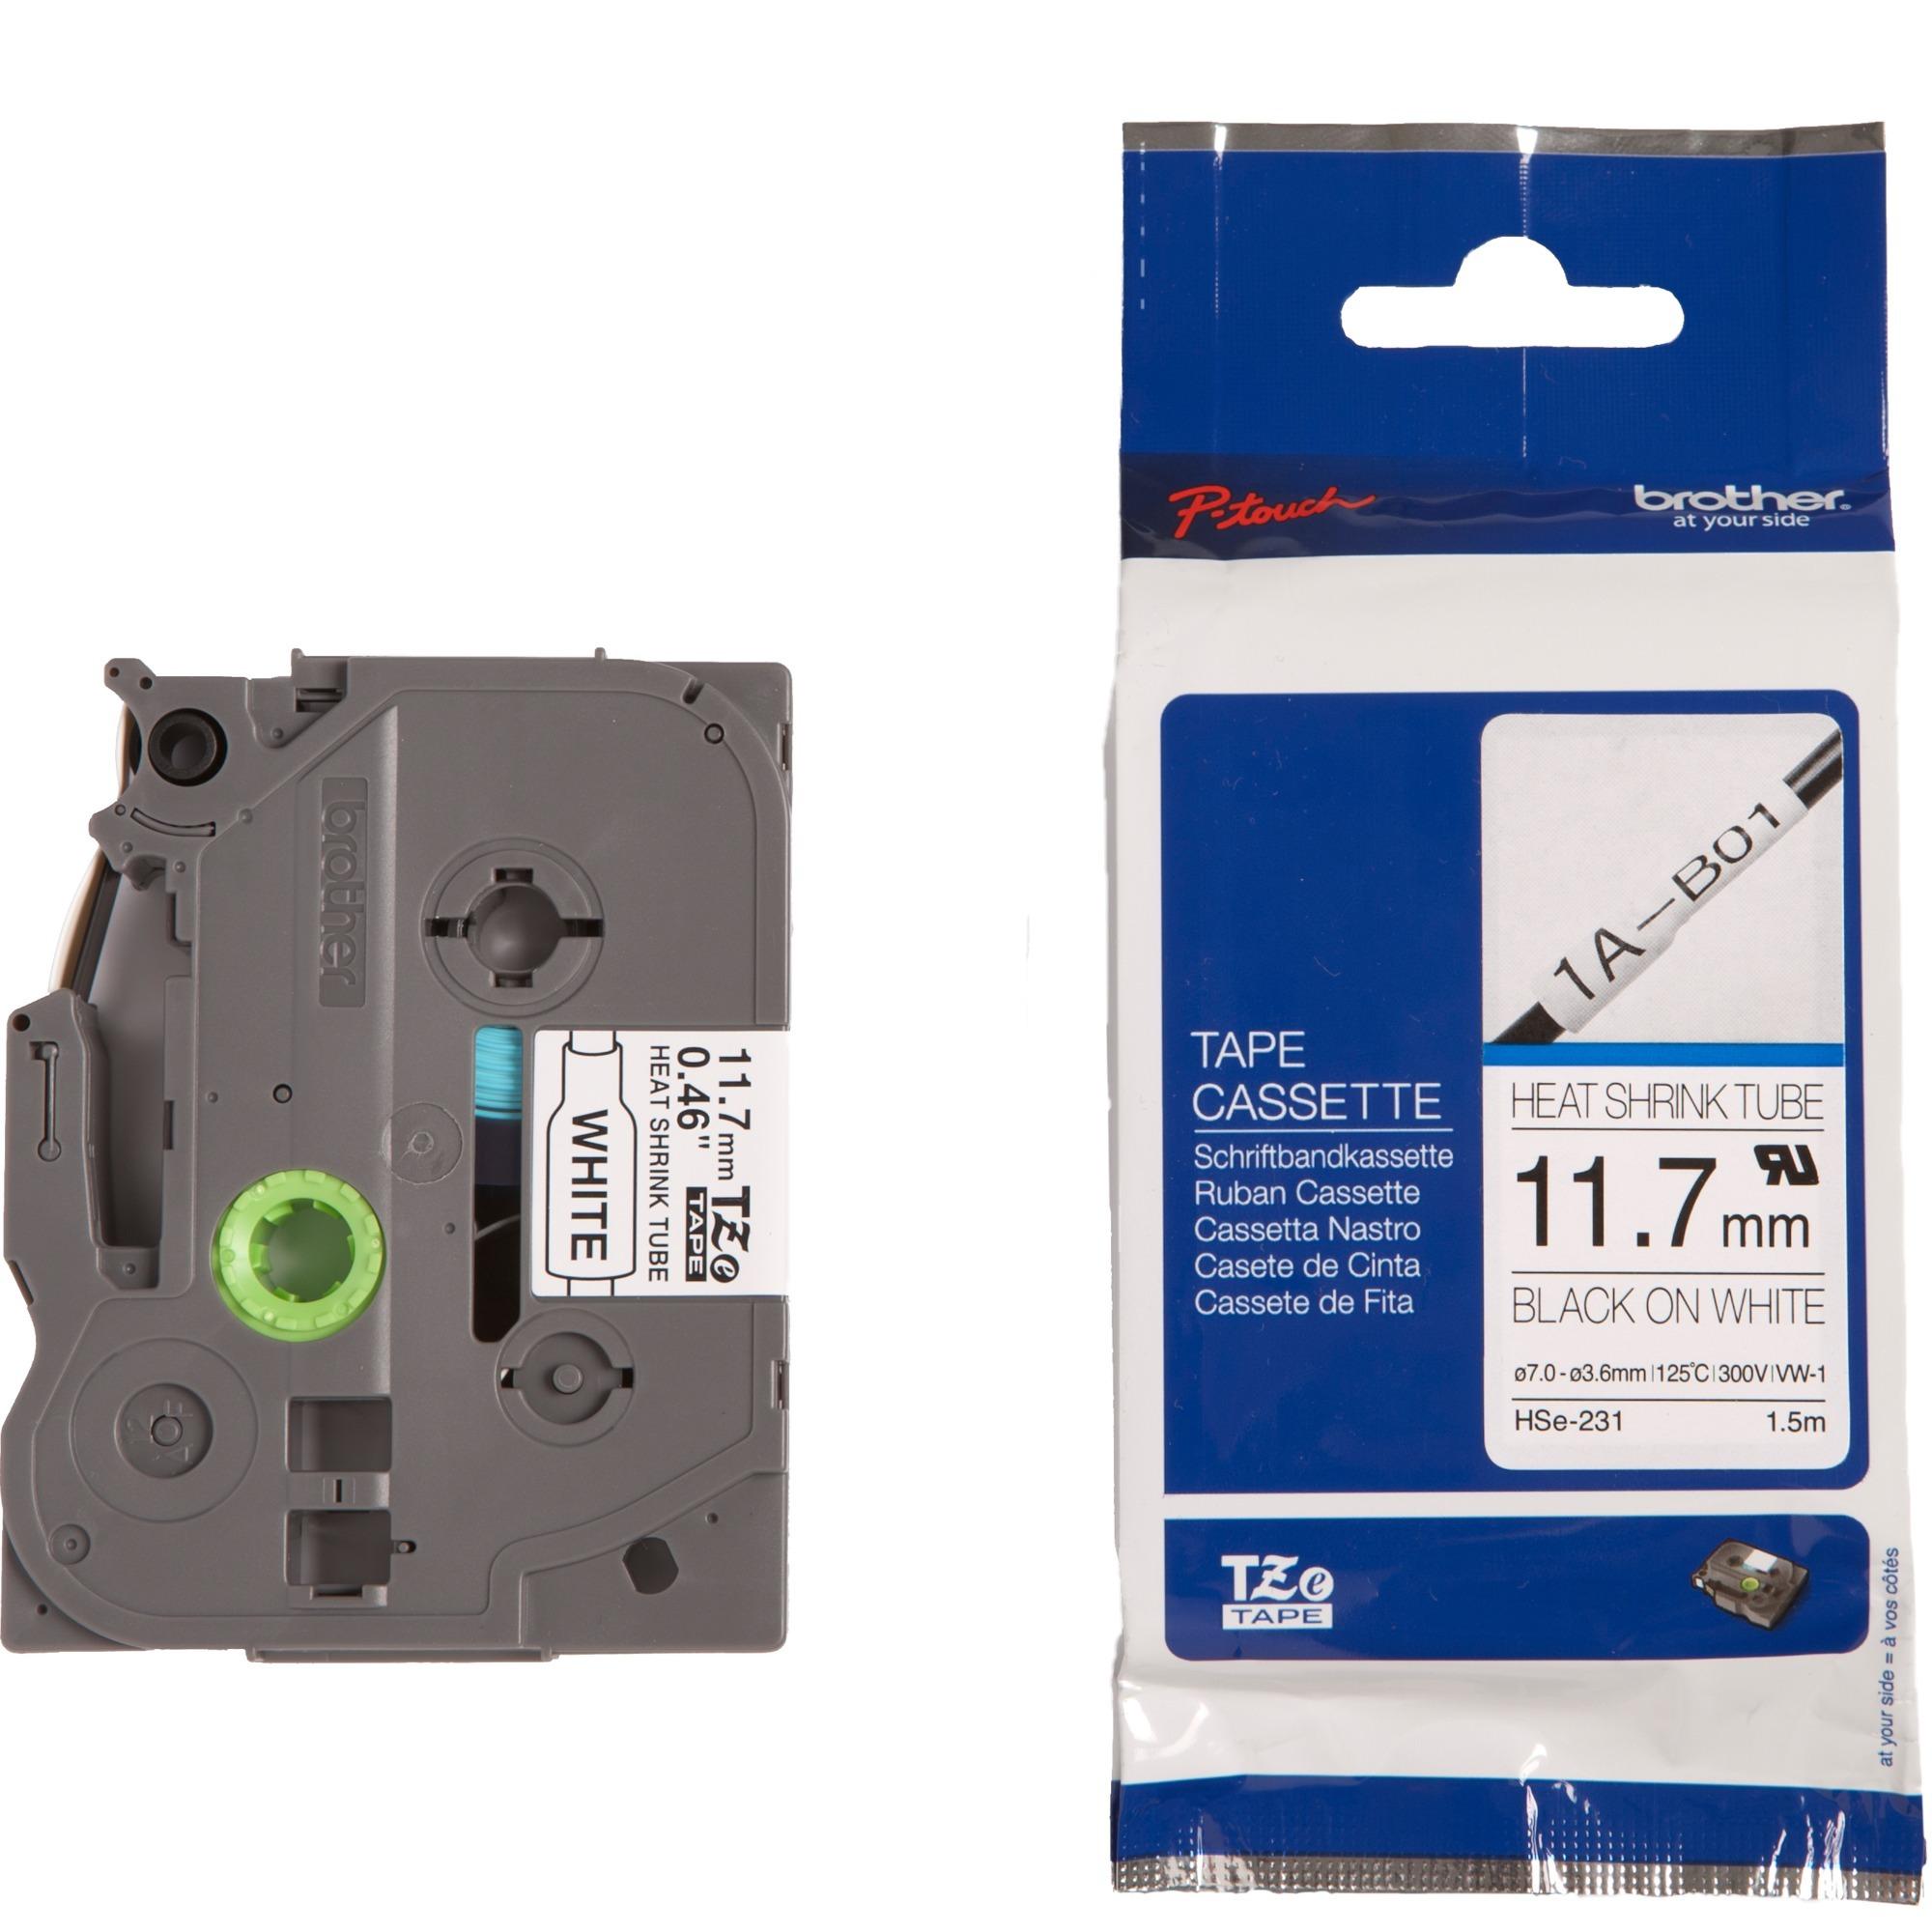 HSE-231 TZe cinta para impresora de etiquetas, Tubo termoretráctil para etiquetas